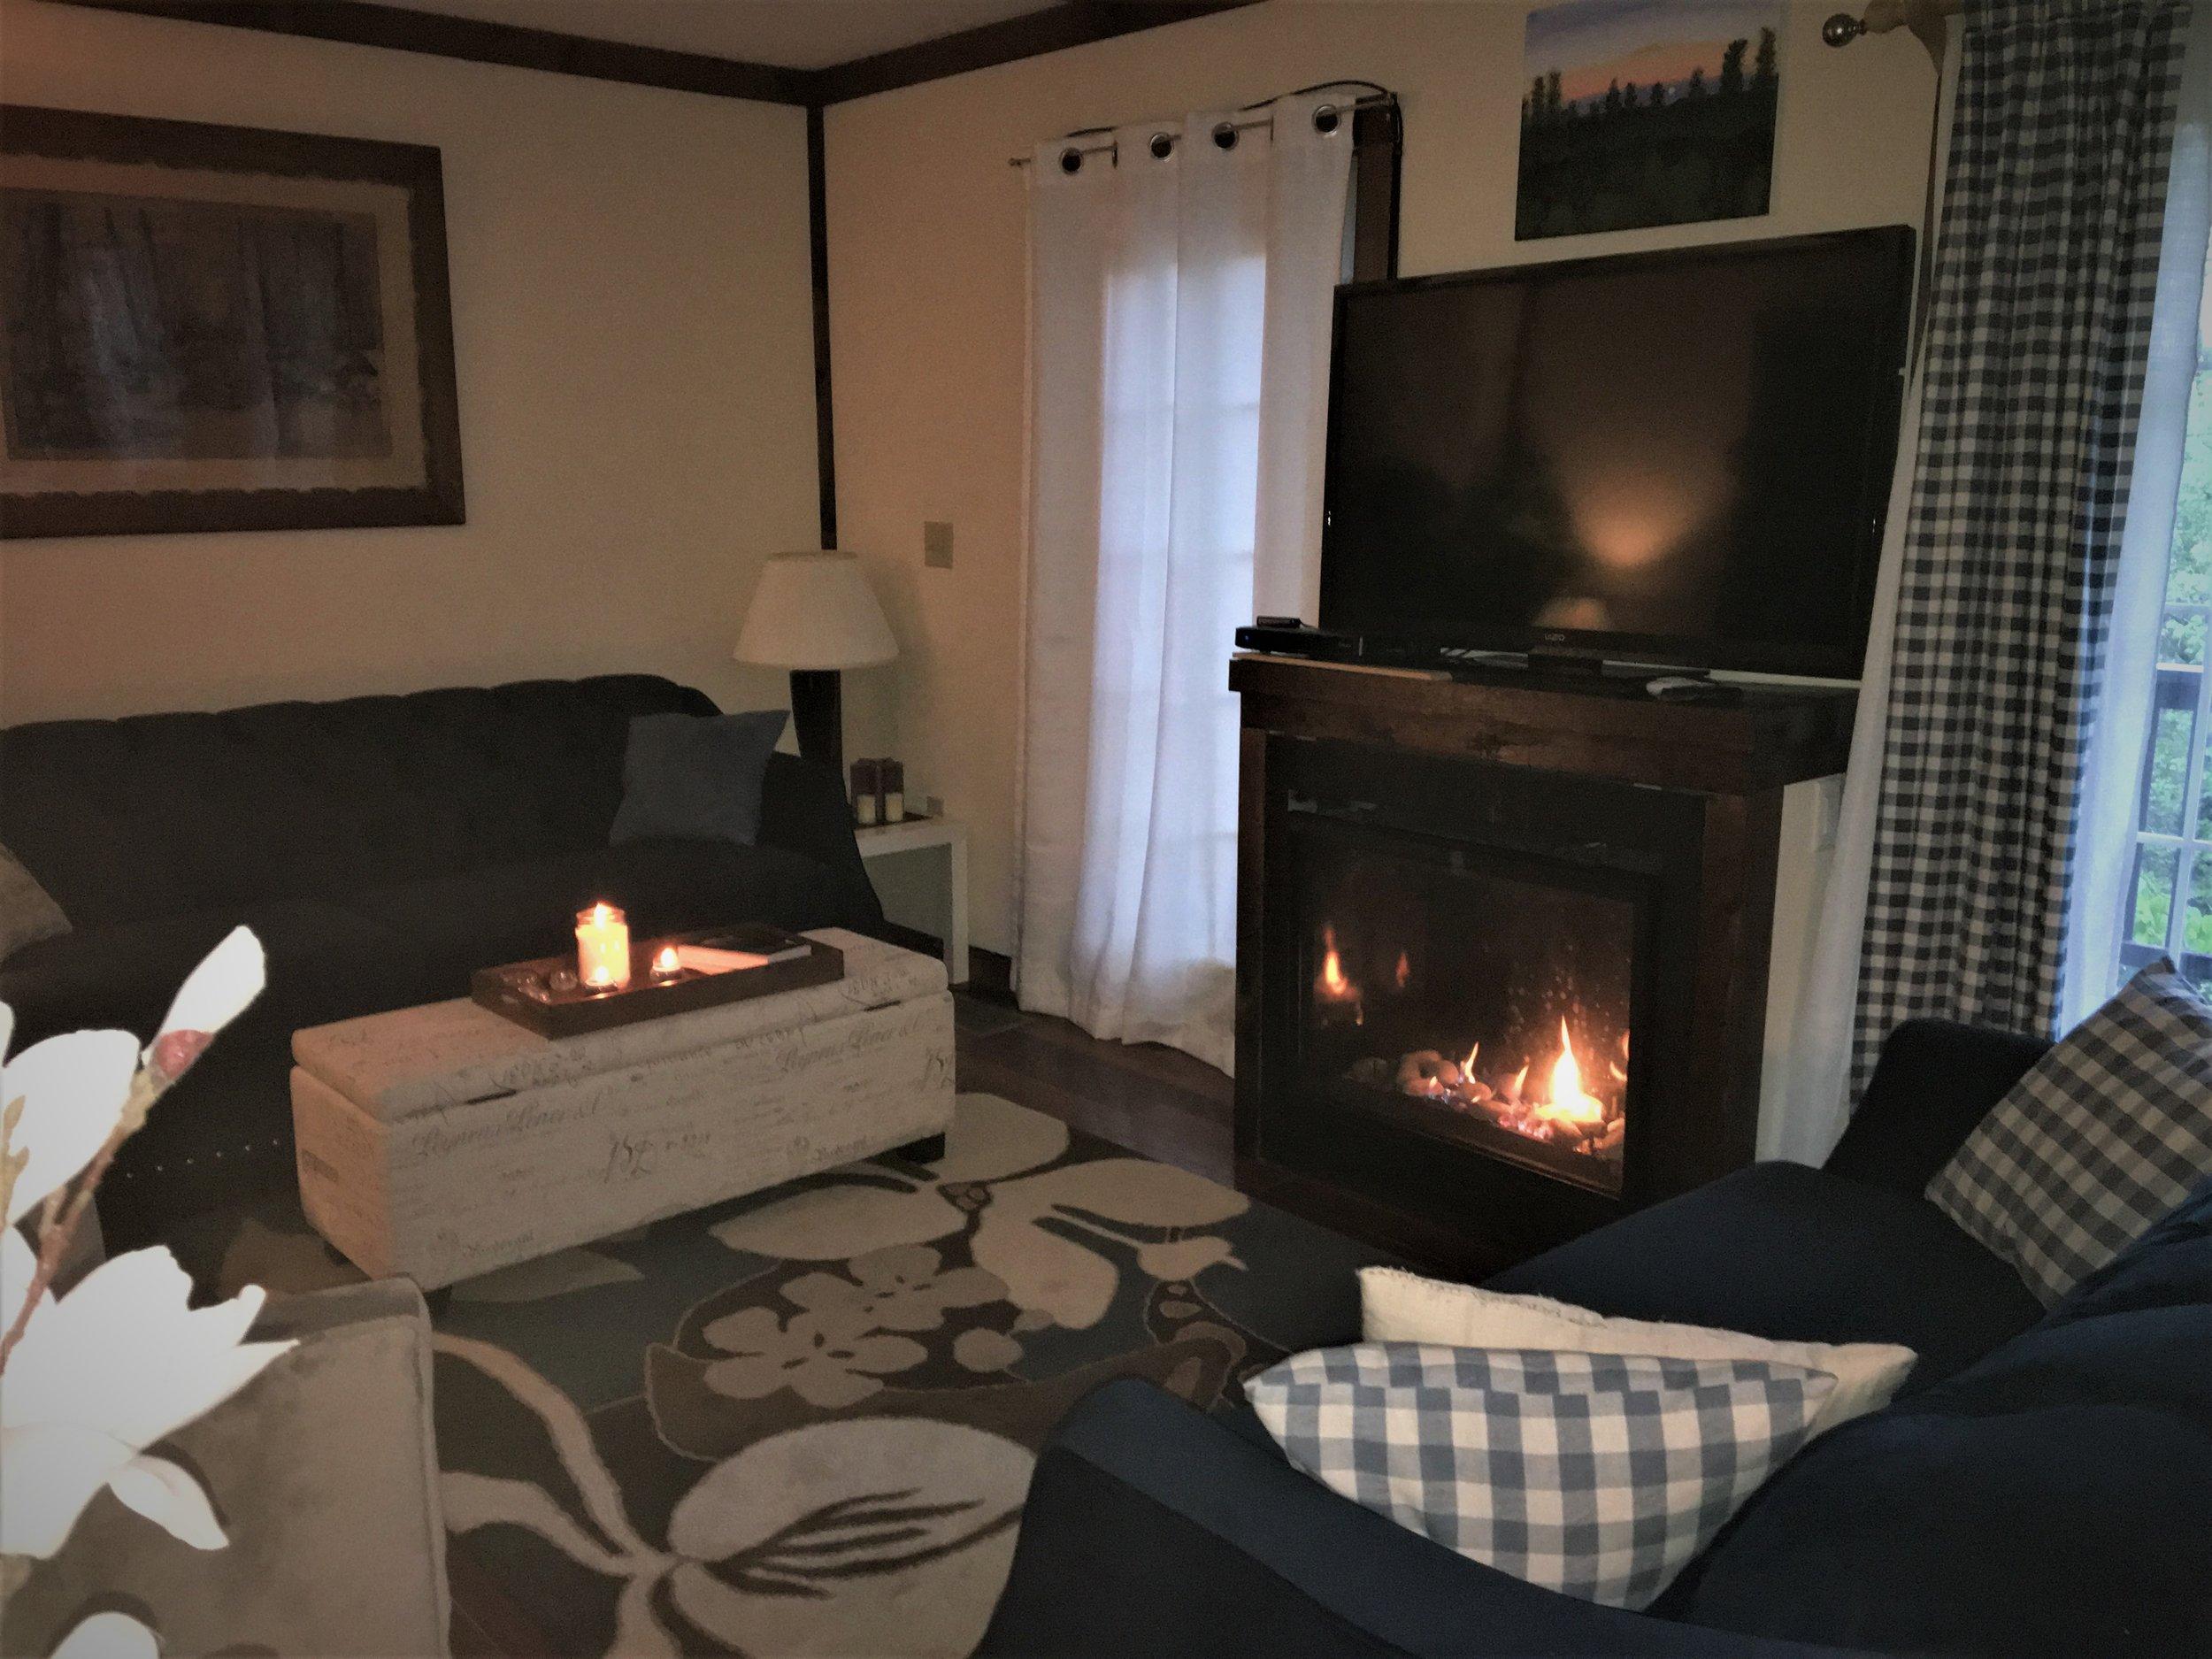 Lingerhere fireplace2019.jpg